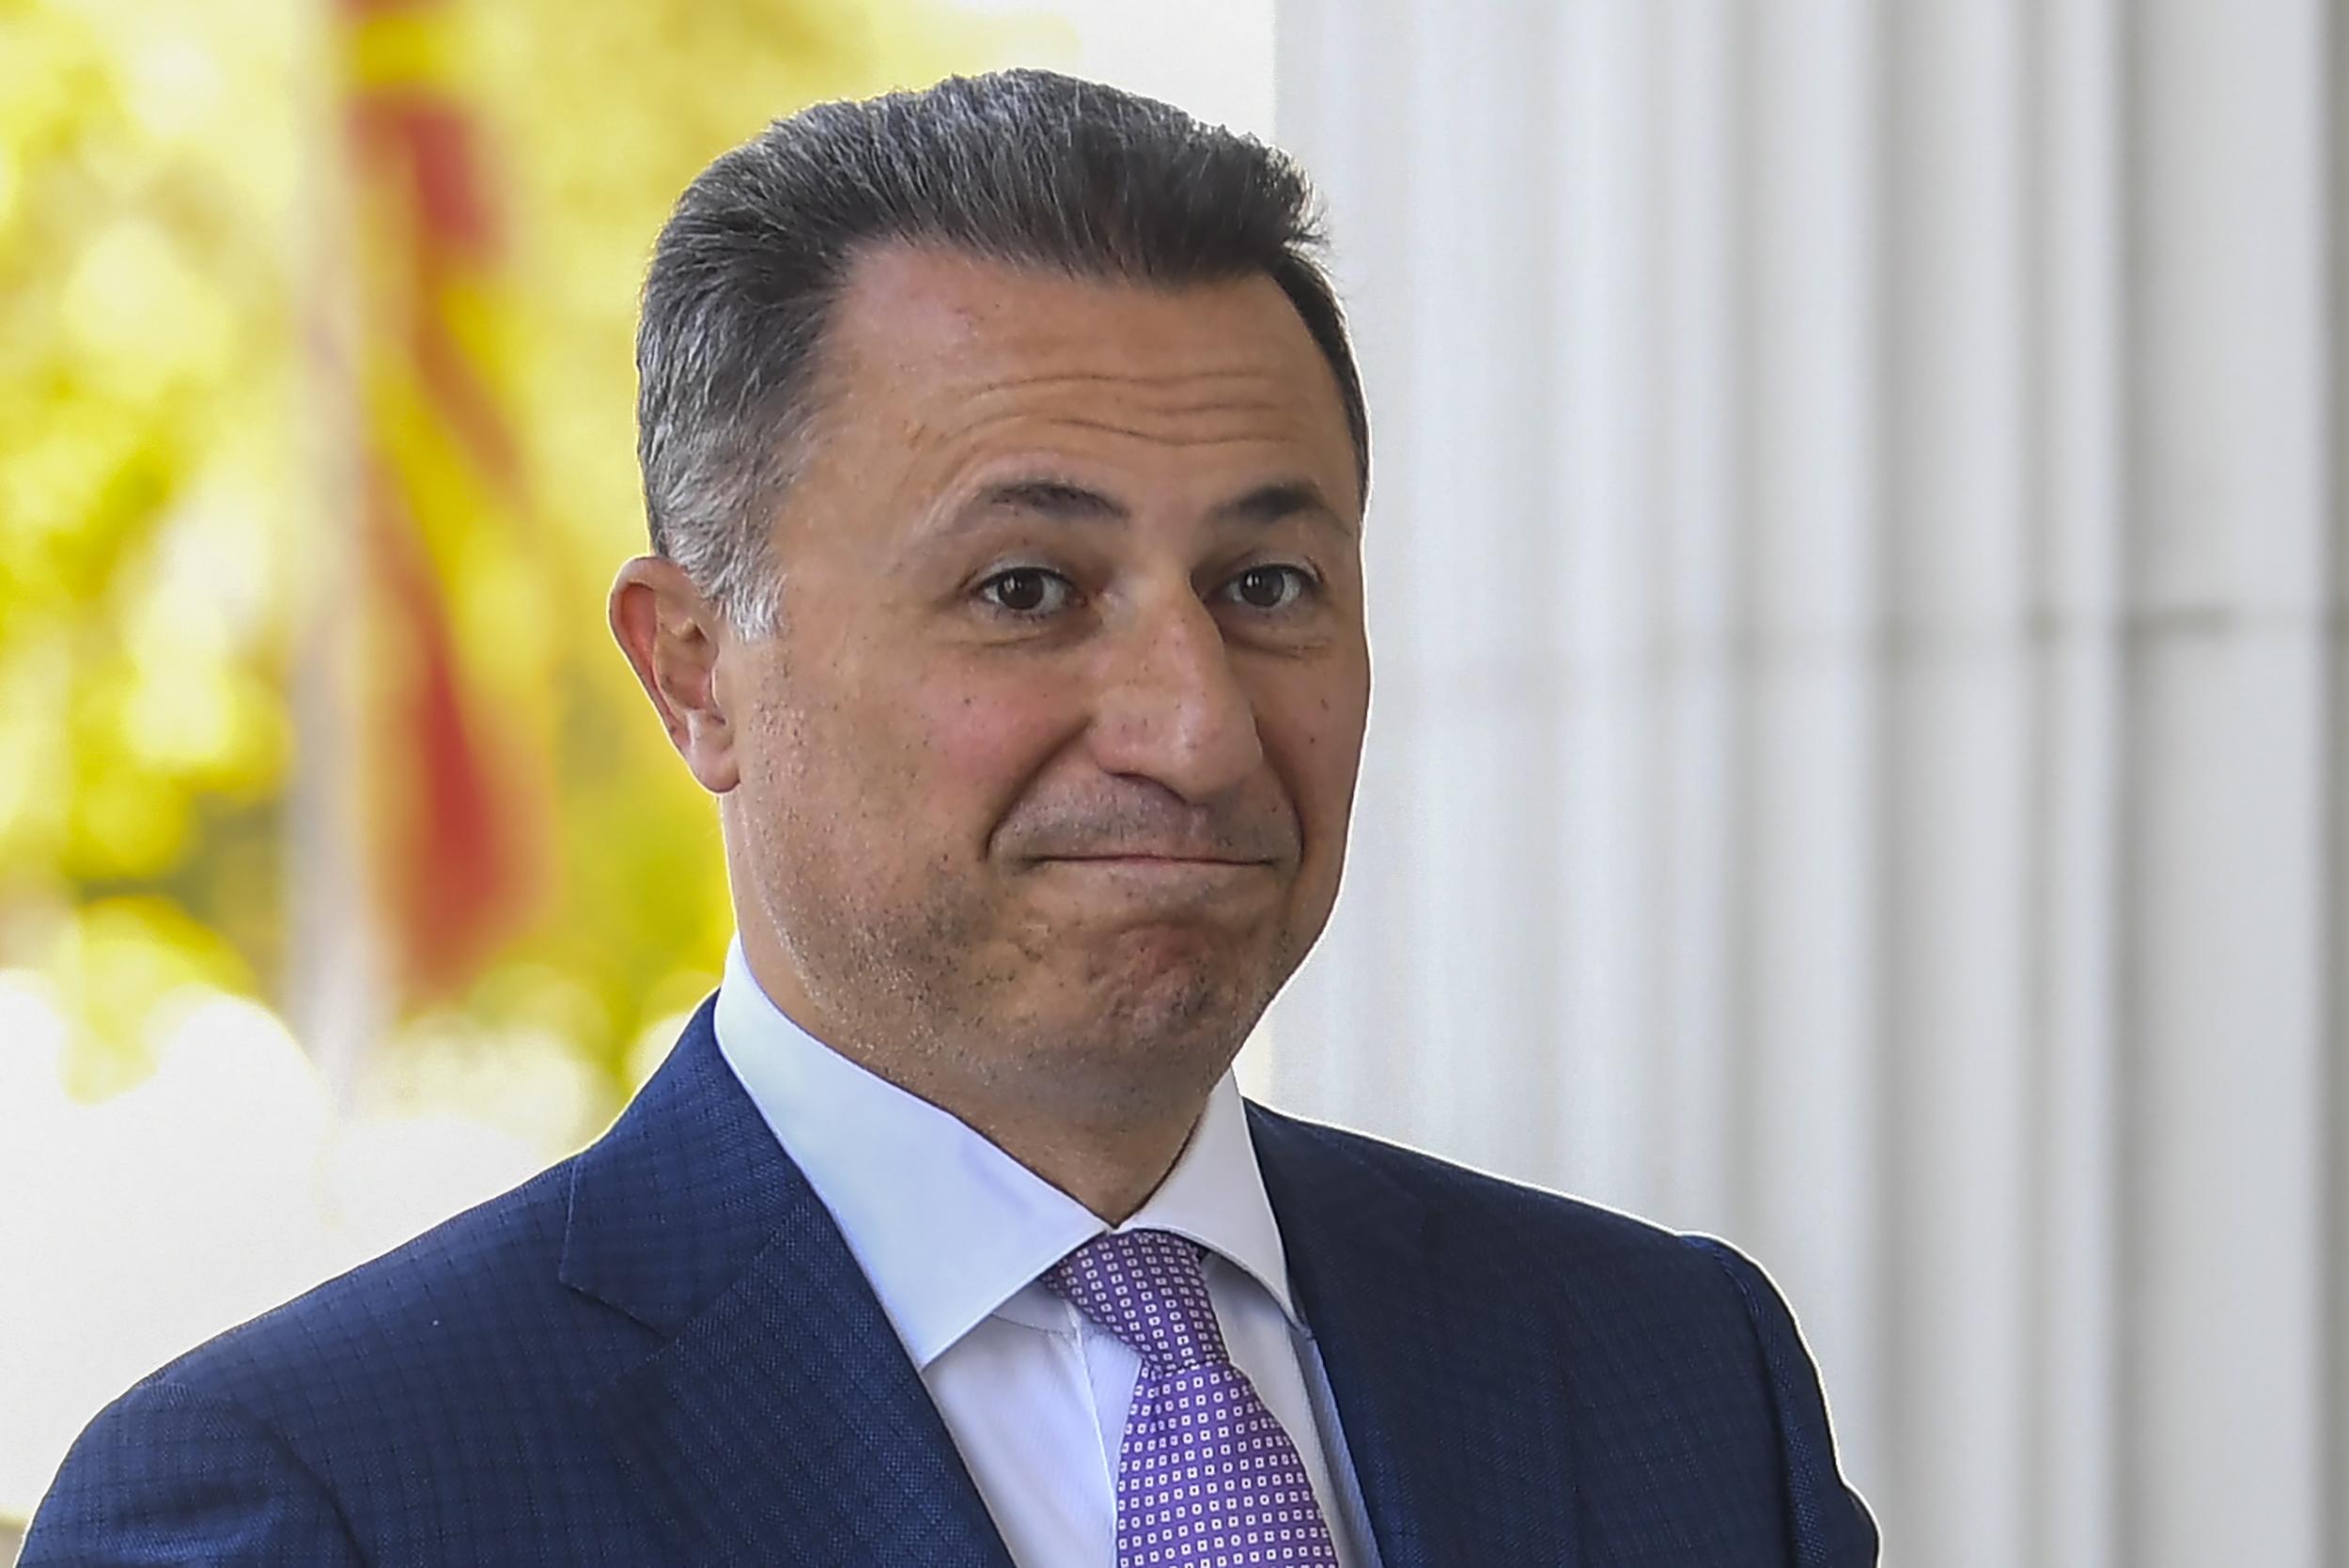 Makedonija zbog Gruevskog uputila prosvjednu notu Mađarskoj